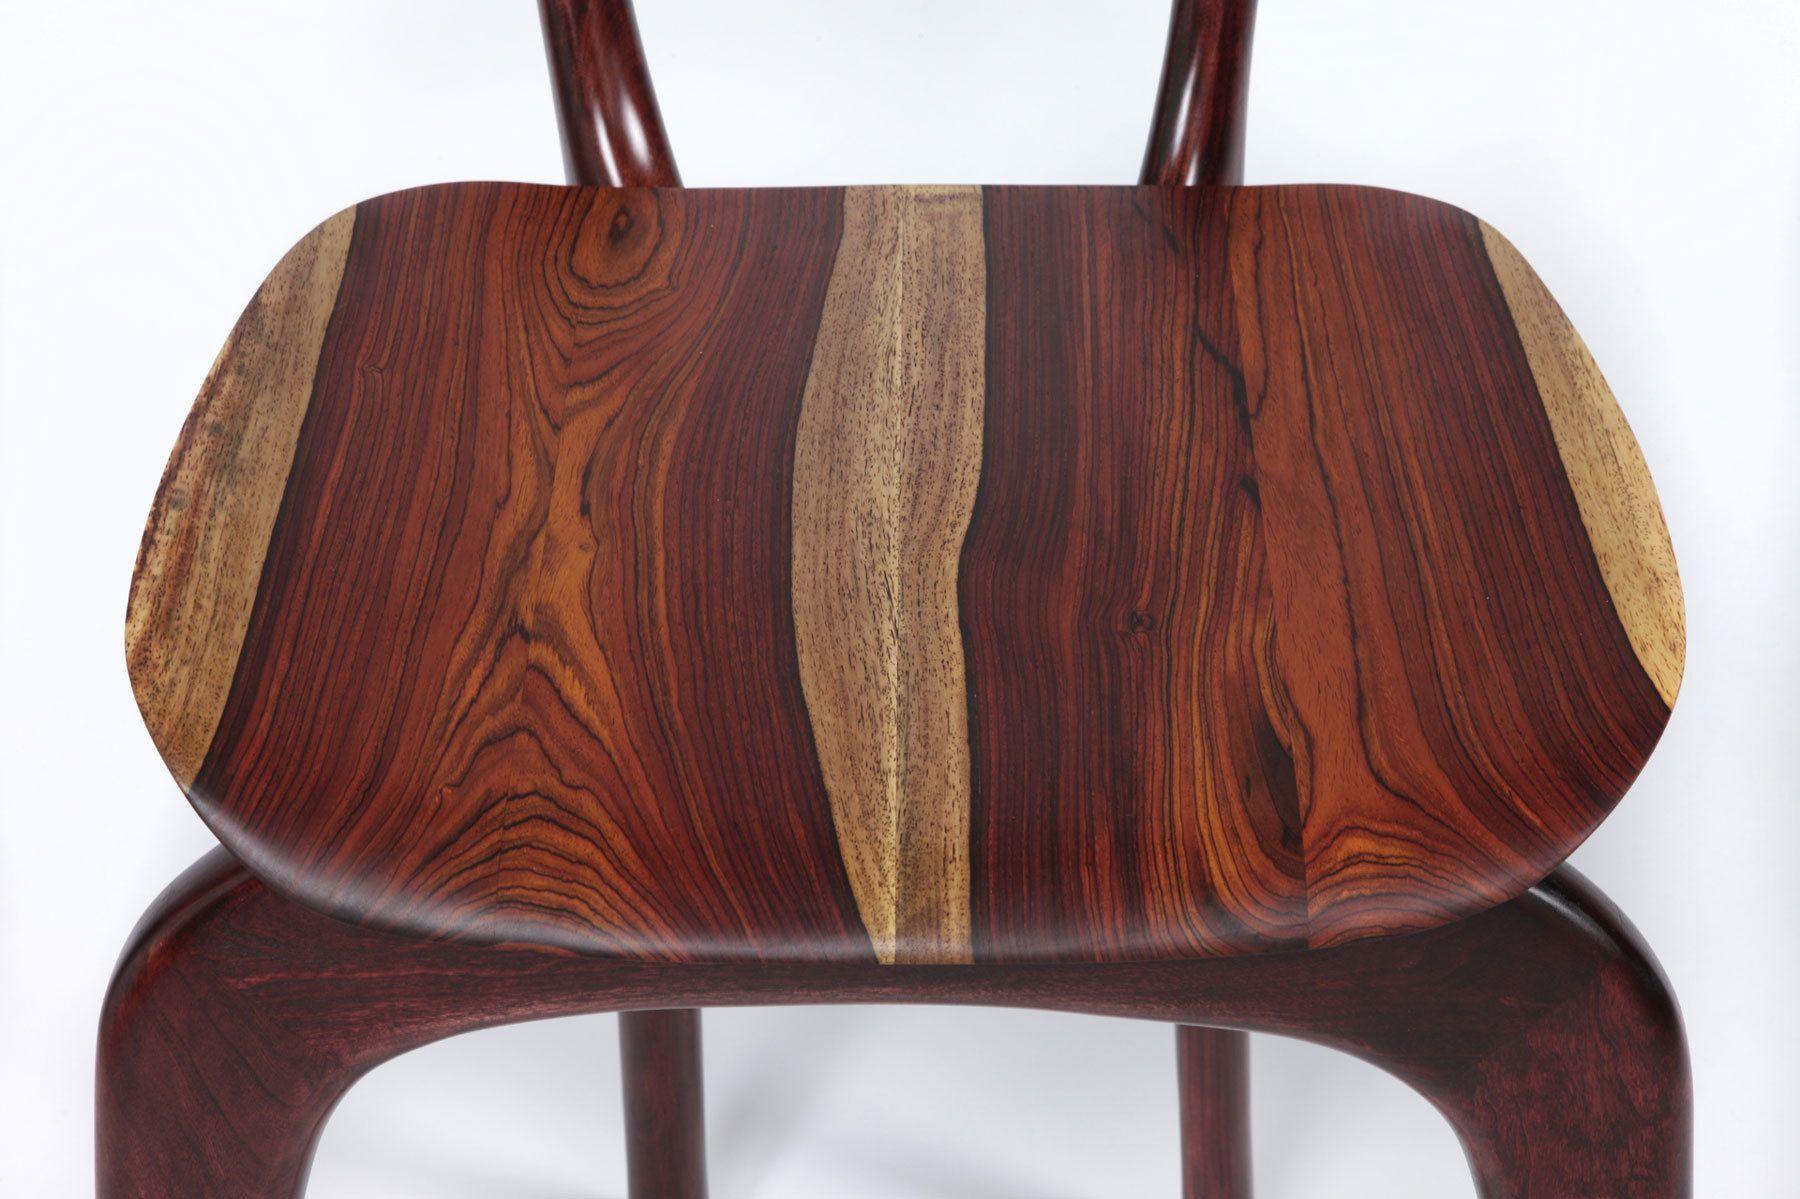 Swallowtail barstool - seat detail